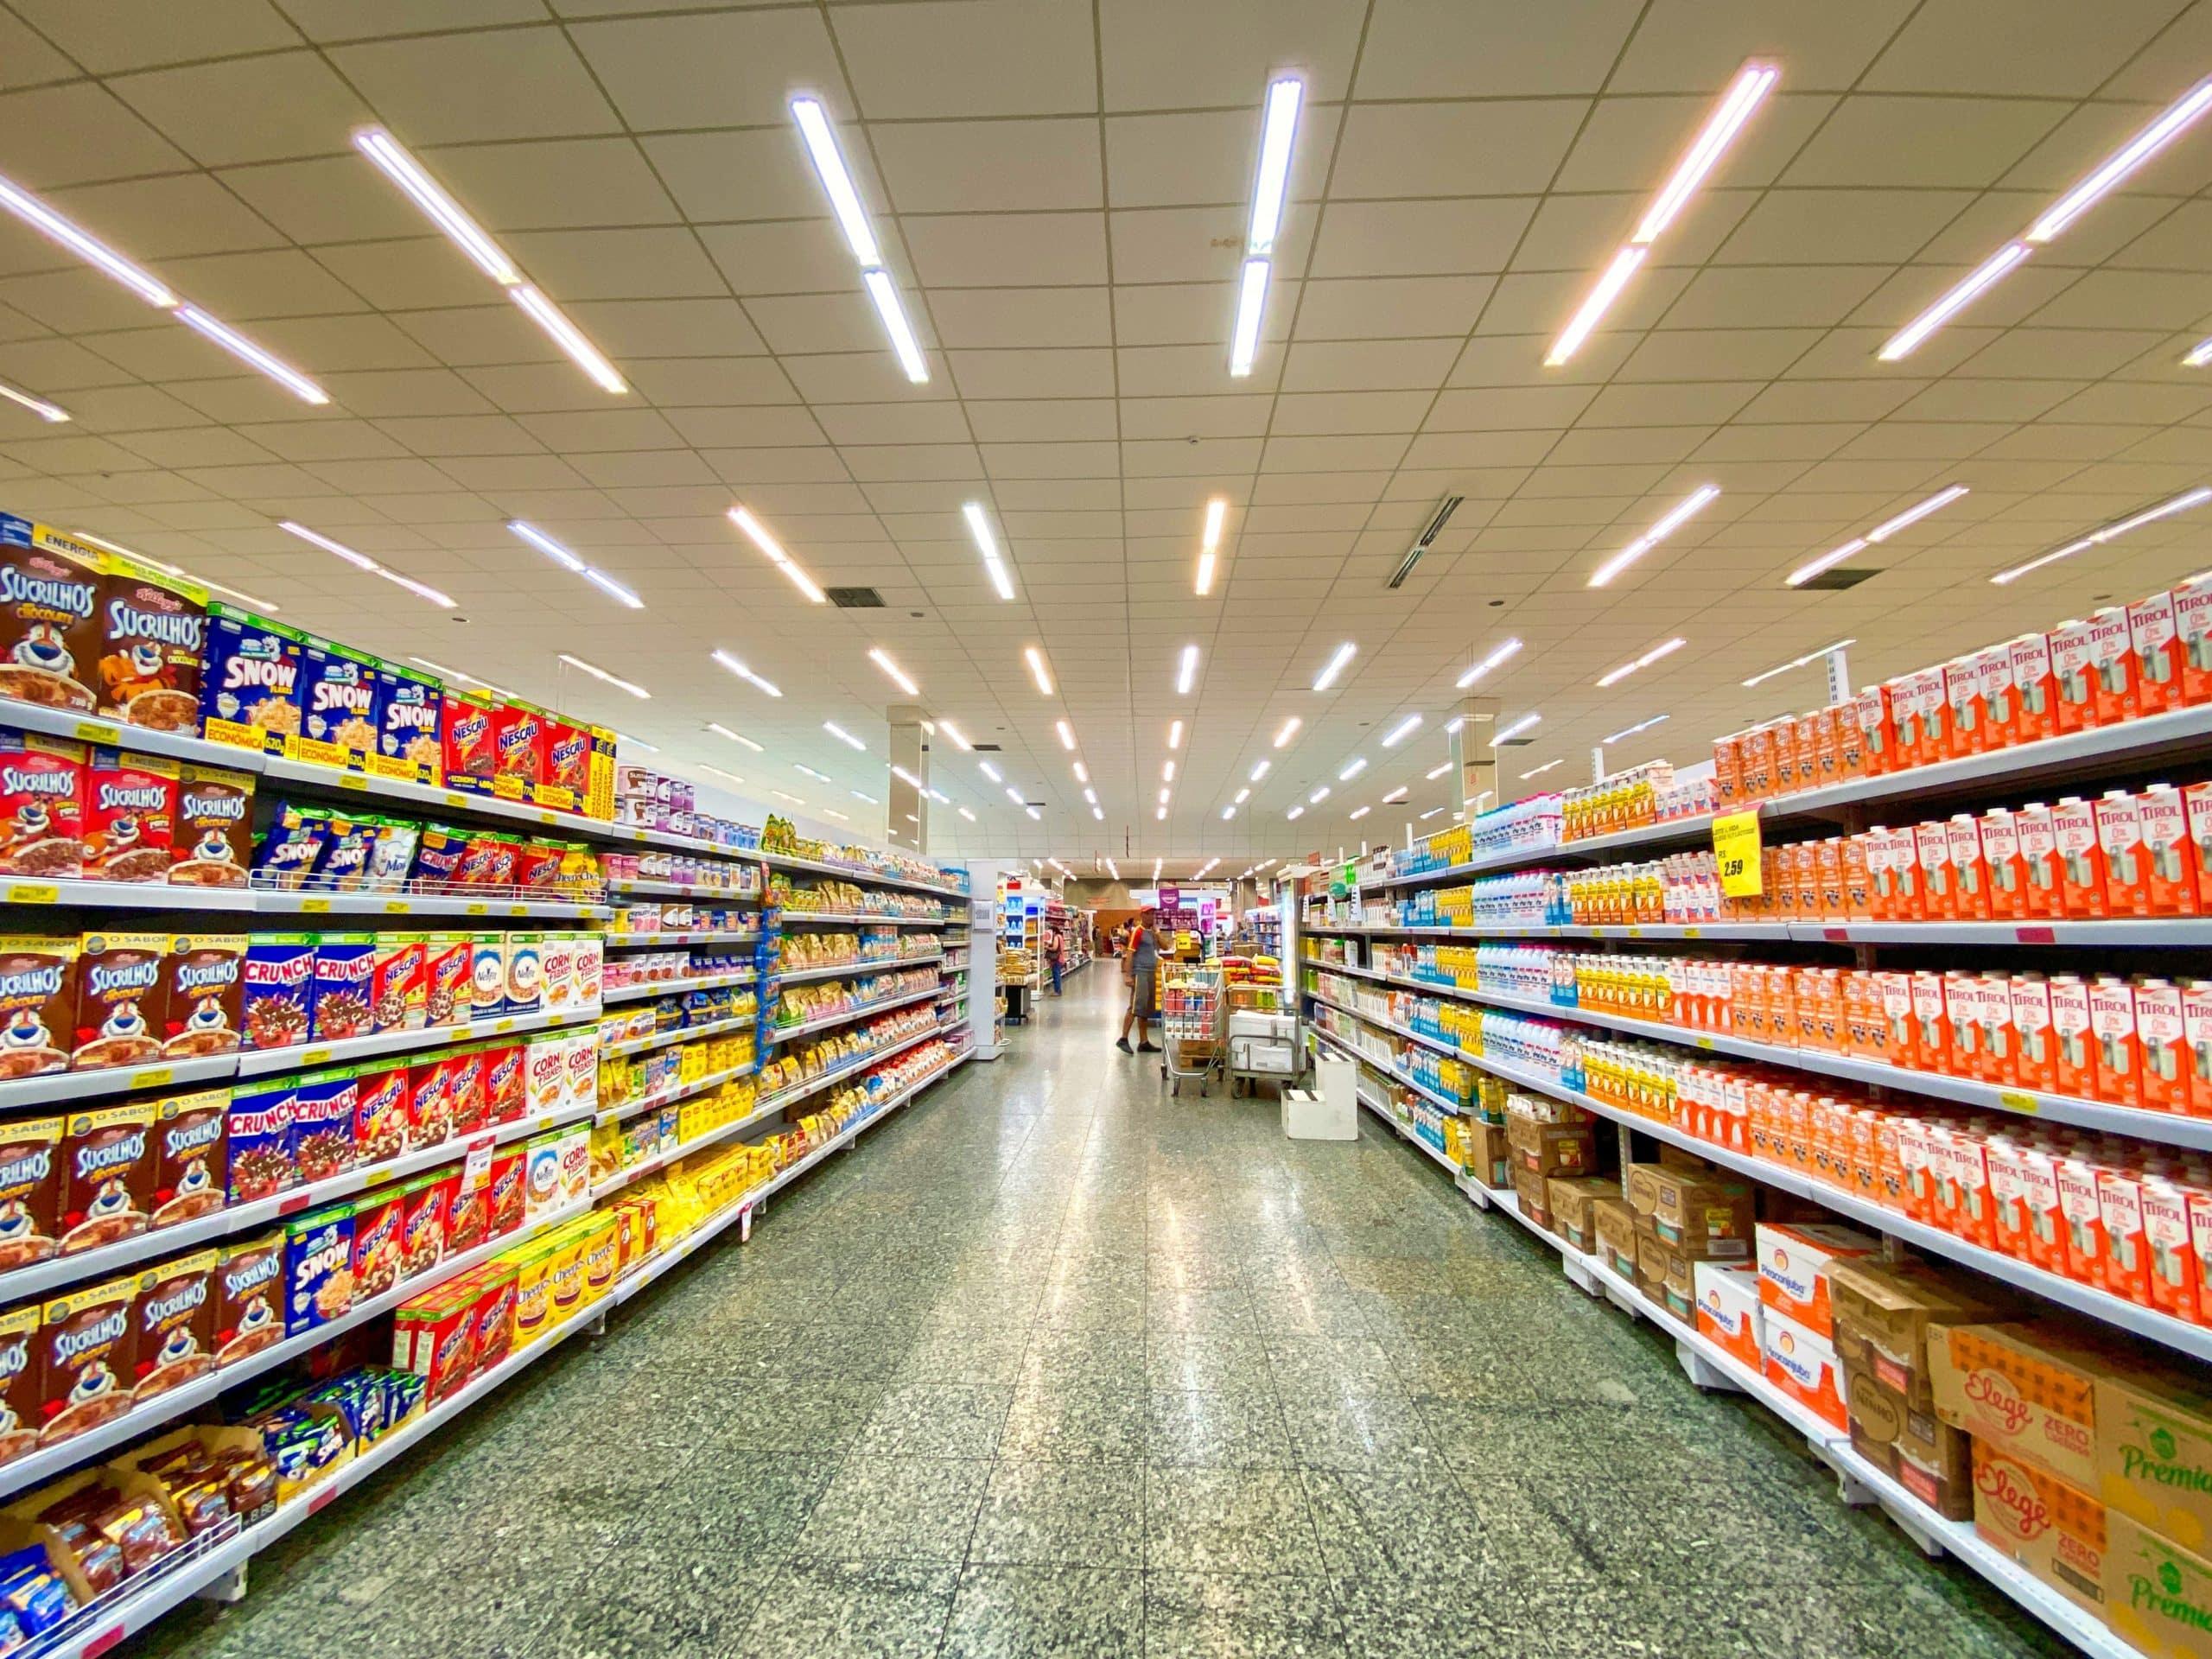 Ceci représente une photo d'un supermarché